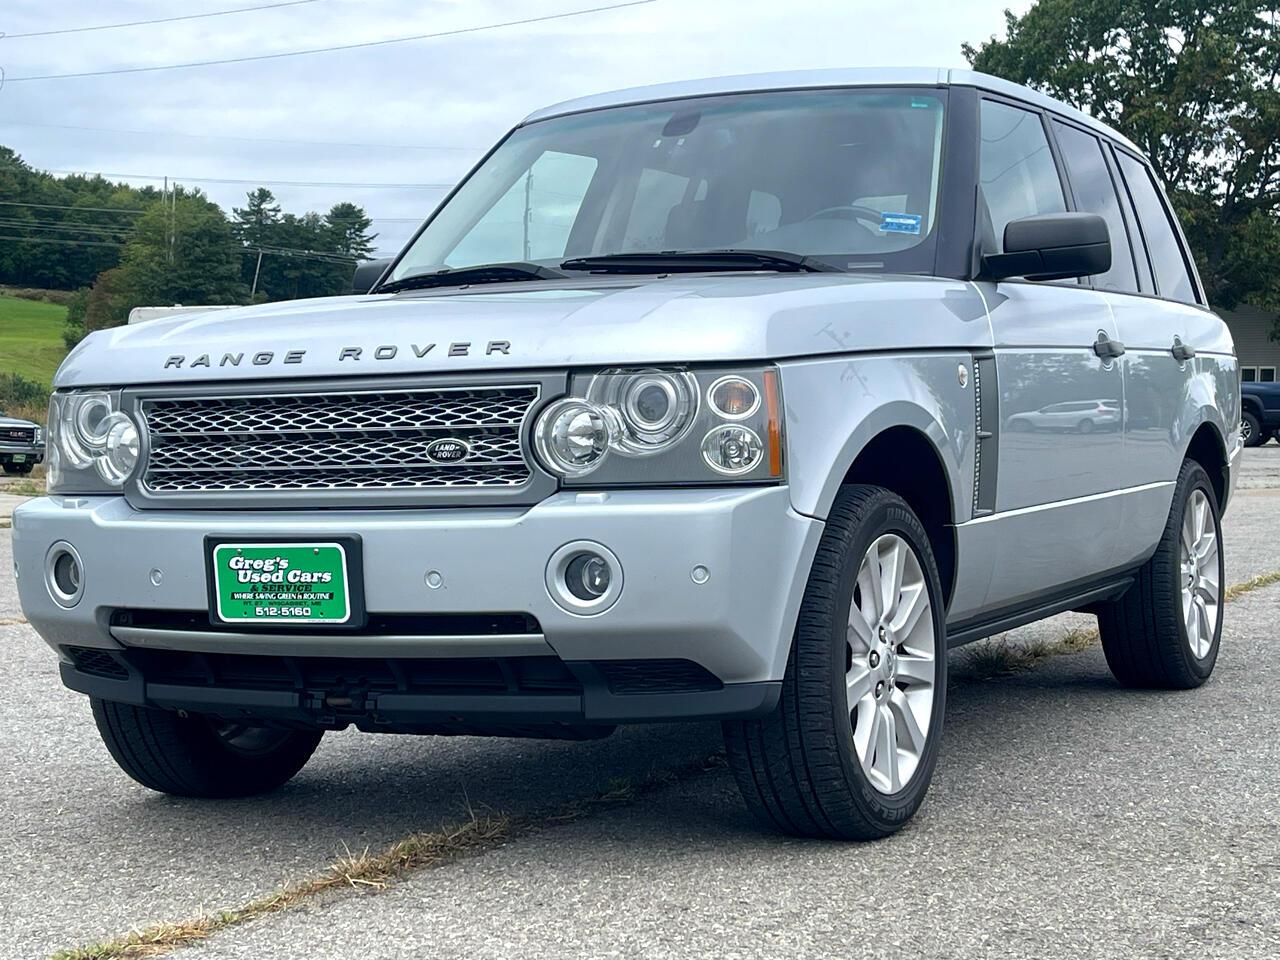 Land Rover Range Rover 4WD 4dr SC 2008